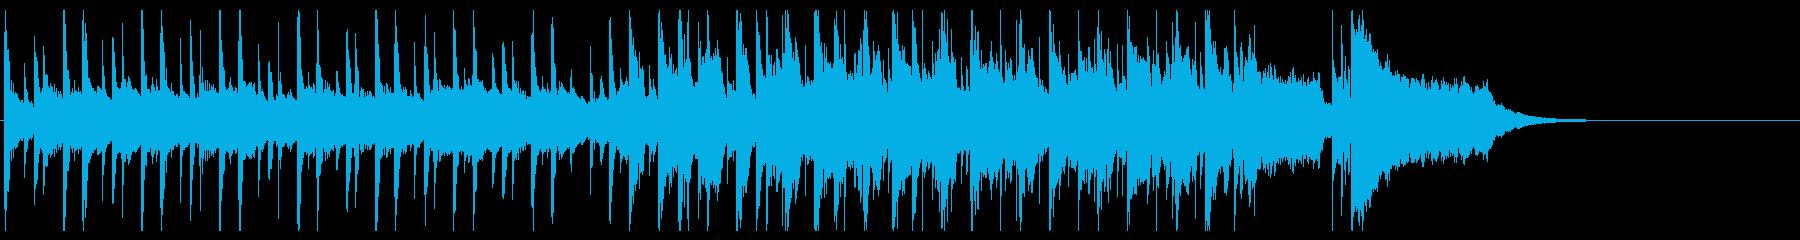 レシピ動画のお菓子をイメージしたインストの再生済みの波形